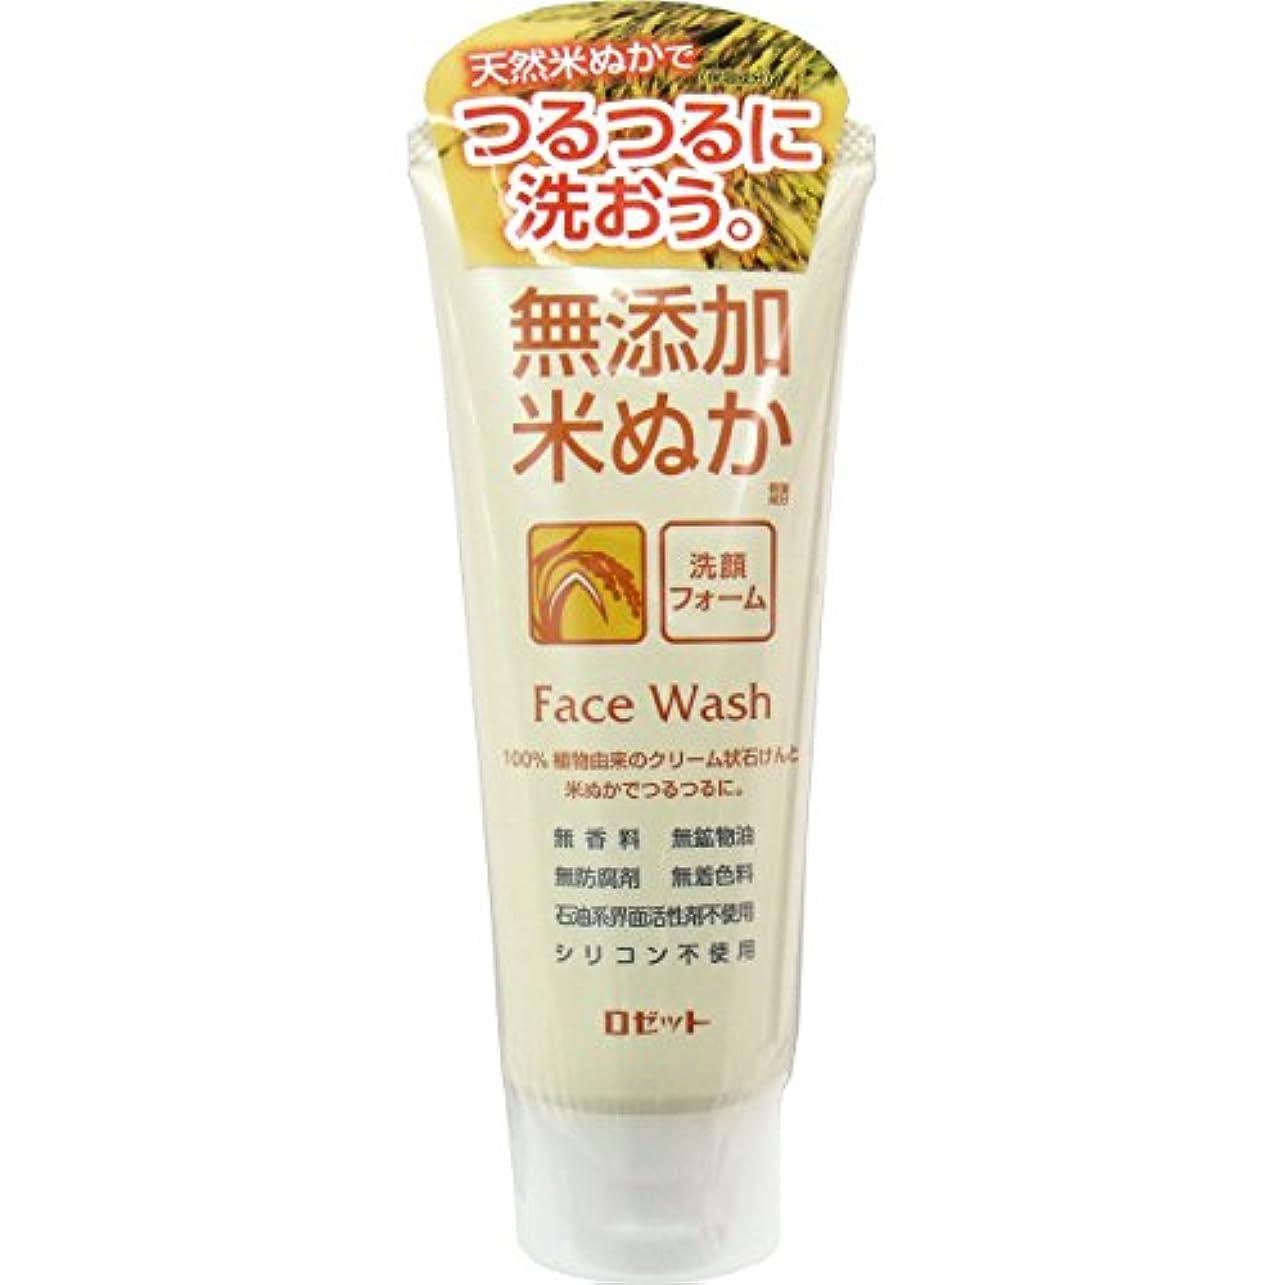 レスリング世界的に流行している【ロゼット】無添加米ぬか洗顔フォーム 140g ×20個セット